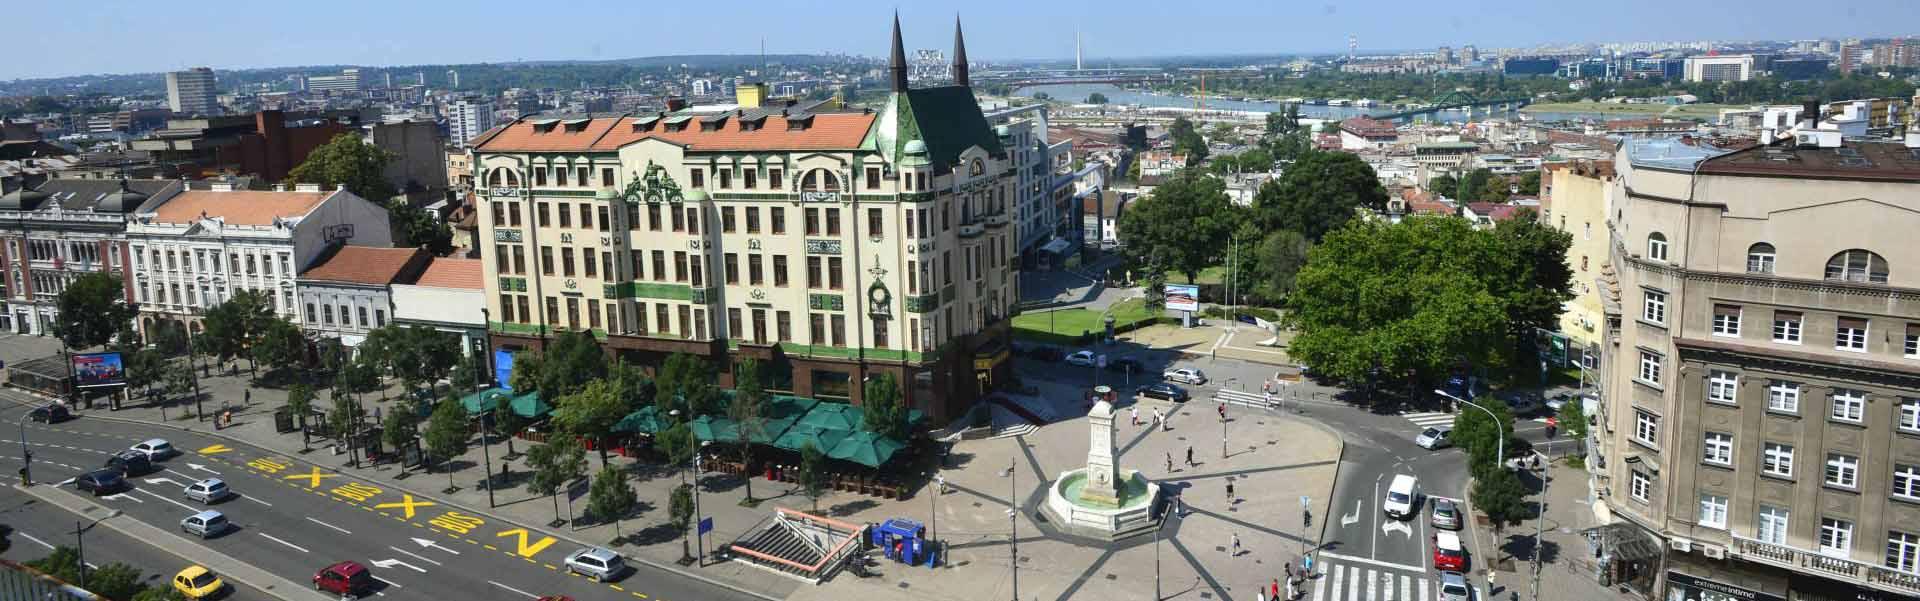 Dostava hrane Terazije | Beograd